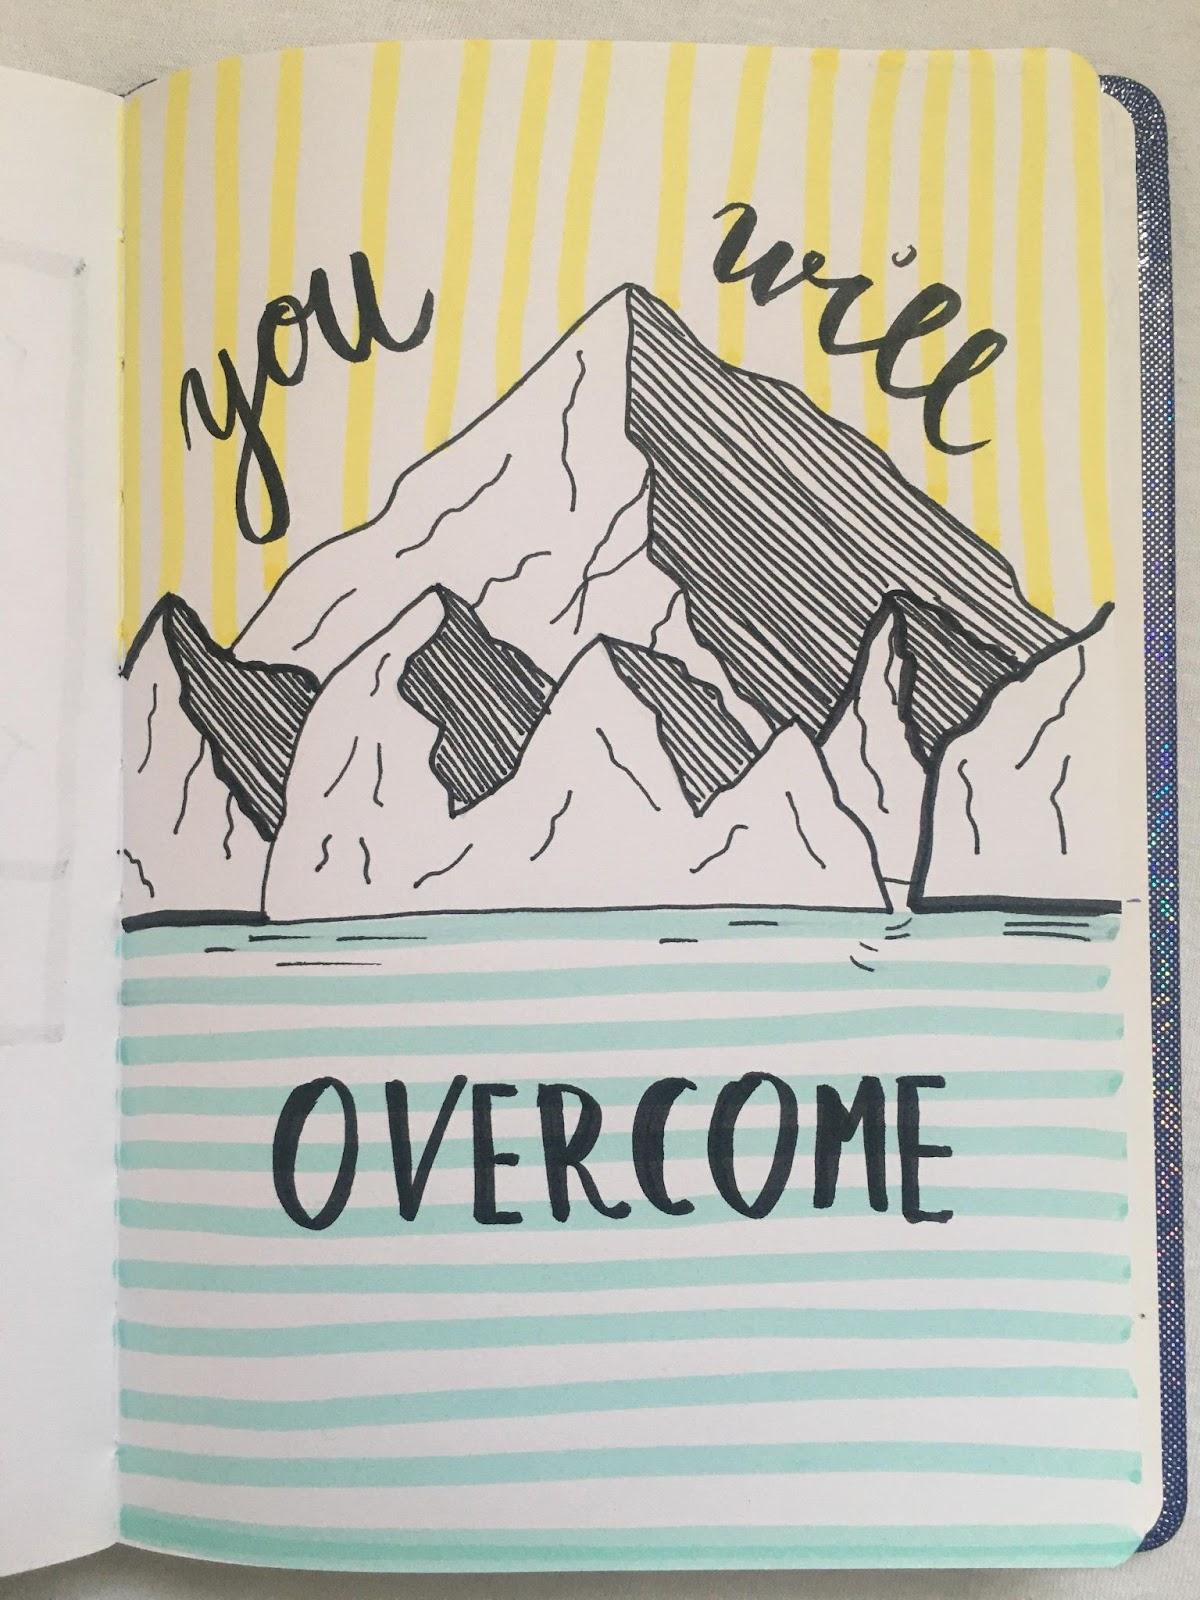 you will overcome art